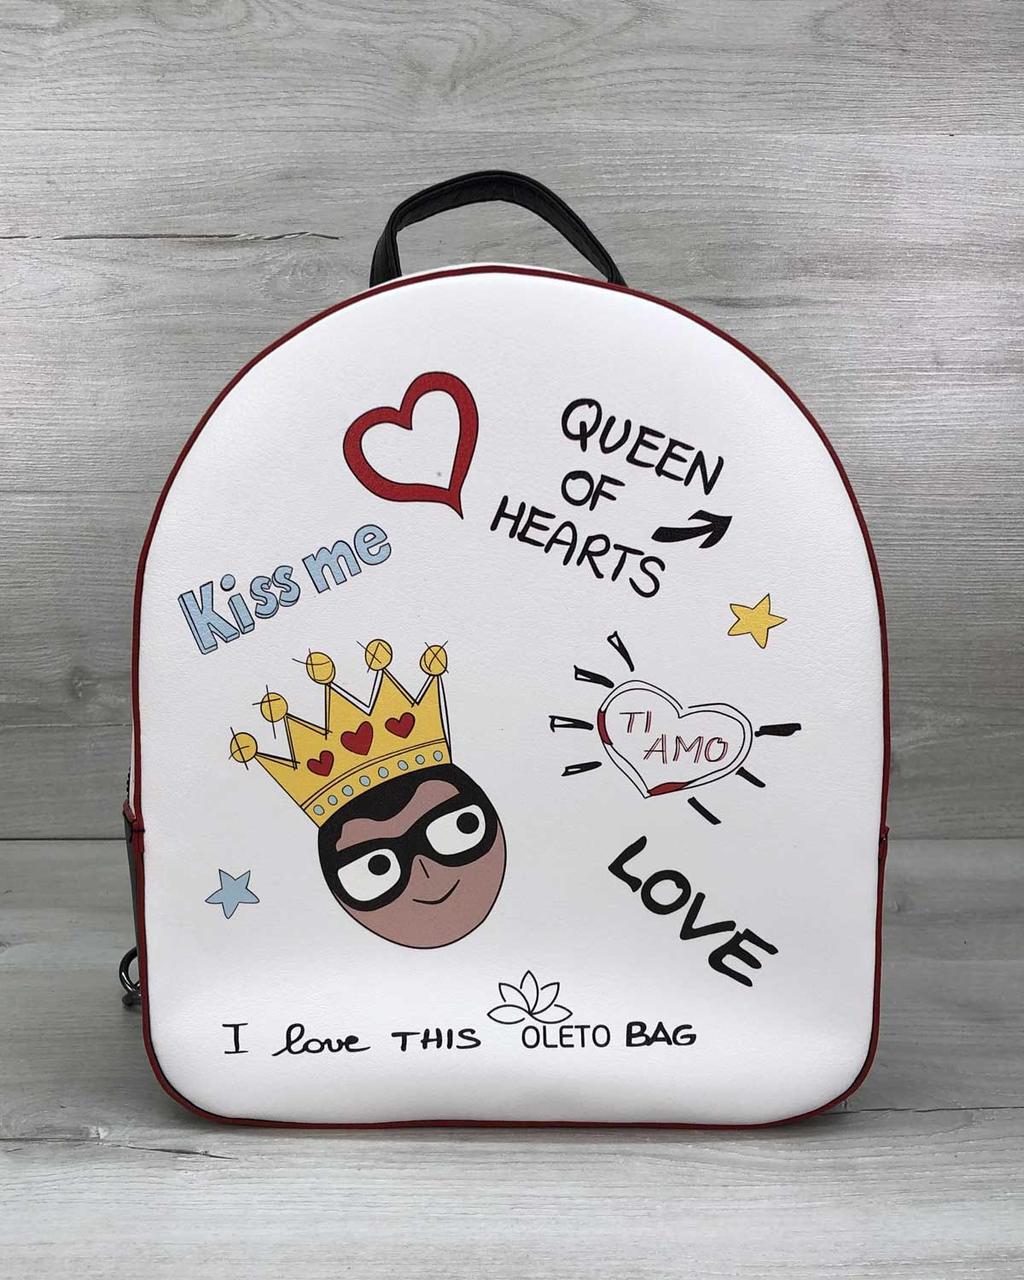 Стильный молодежный сумка-рюкзак женский городской повседневный «Marcy» черно-белый с красным